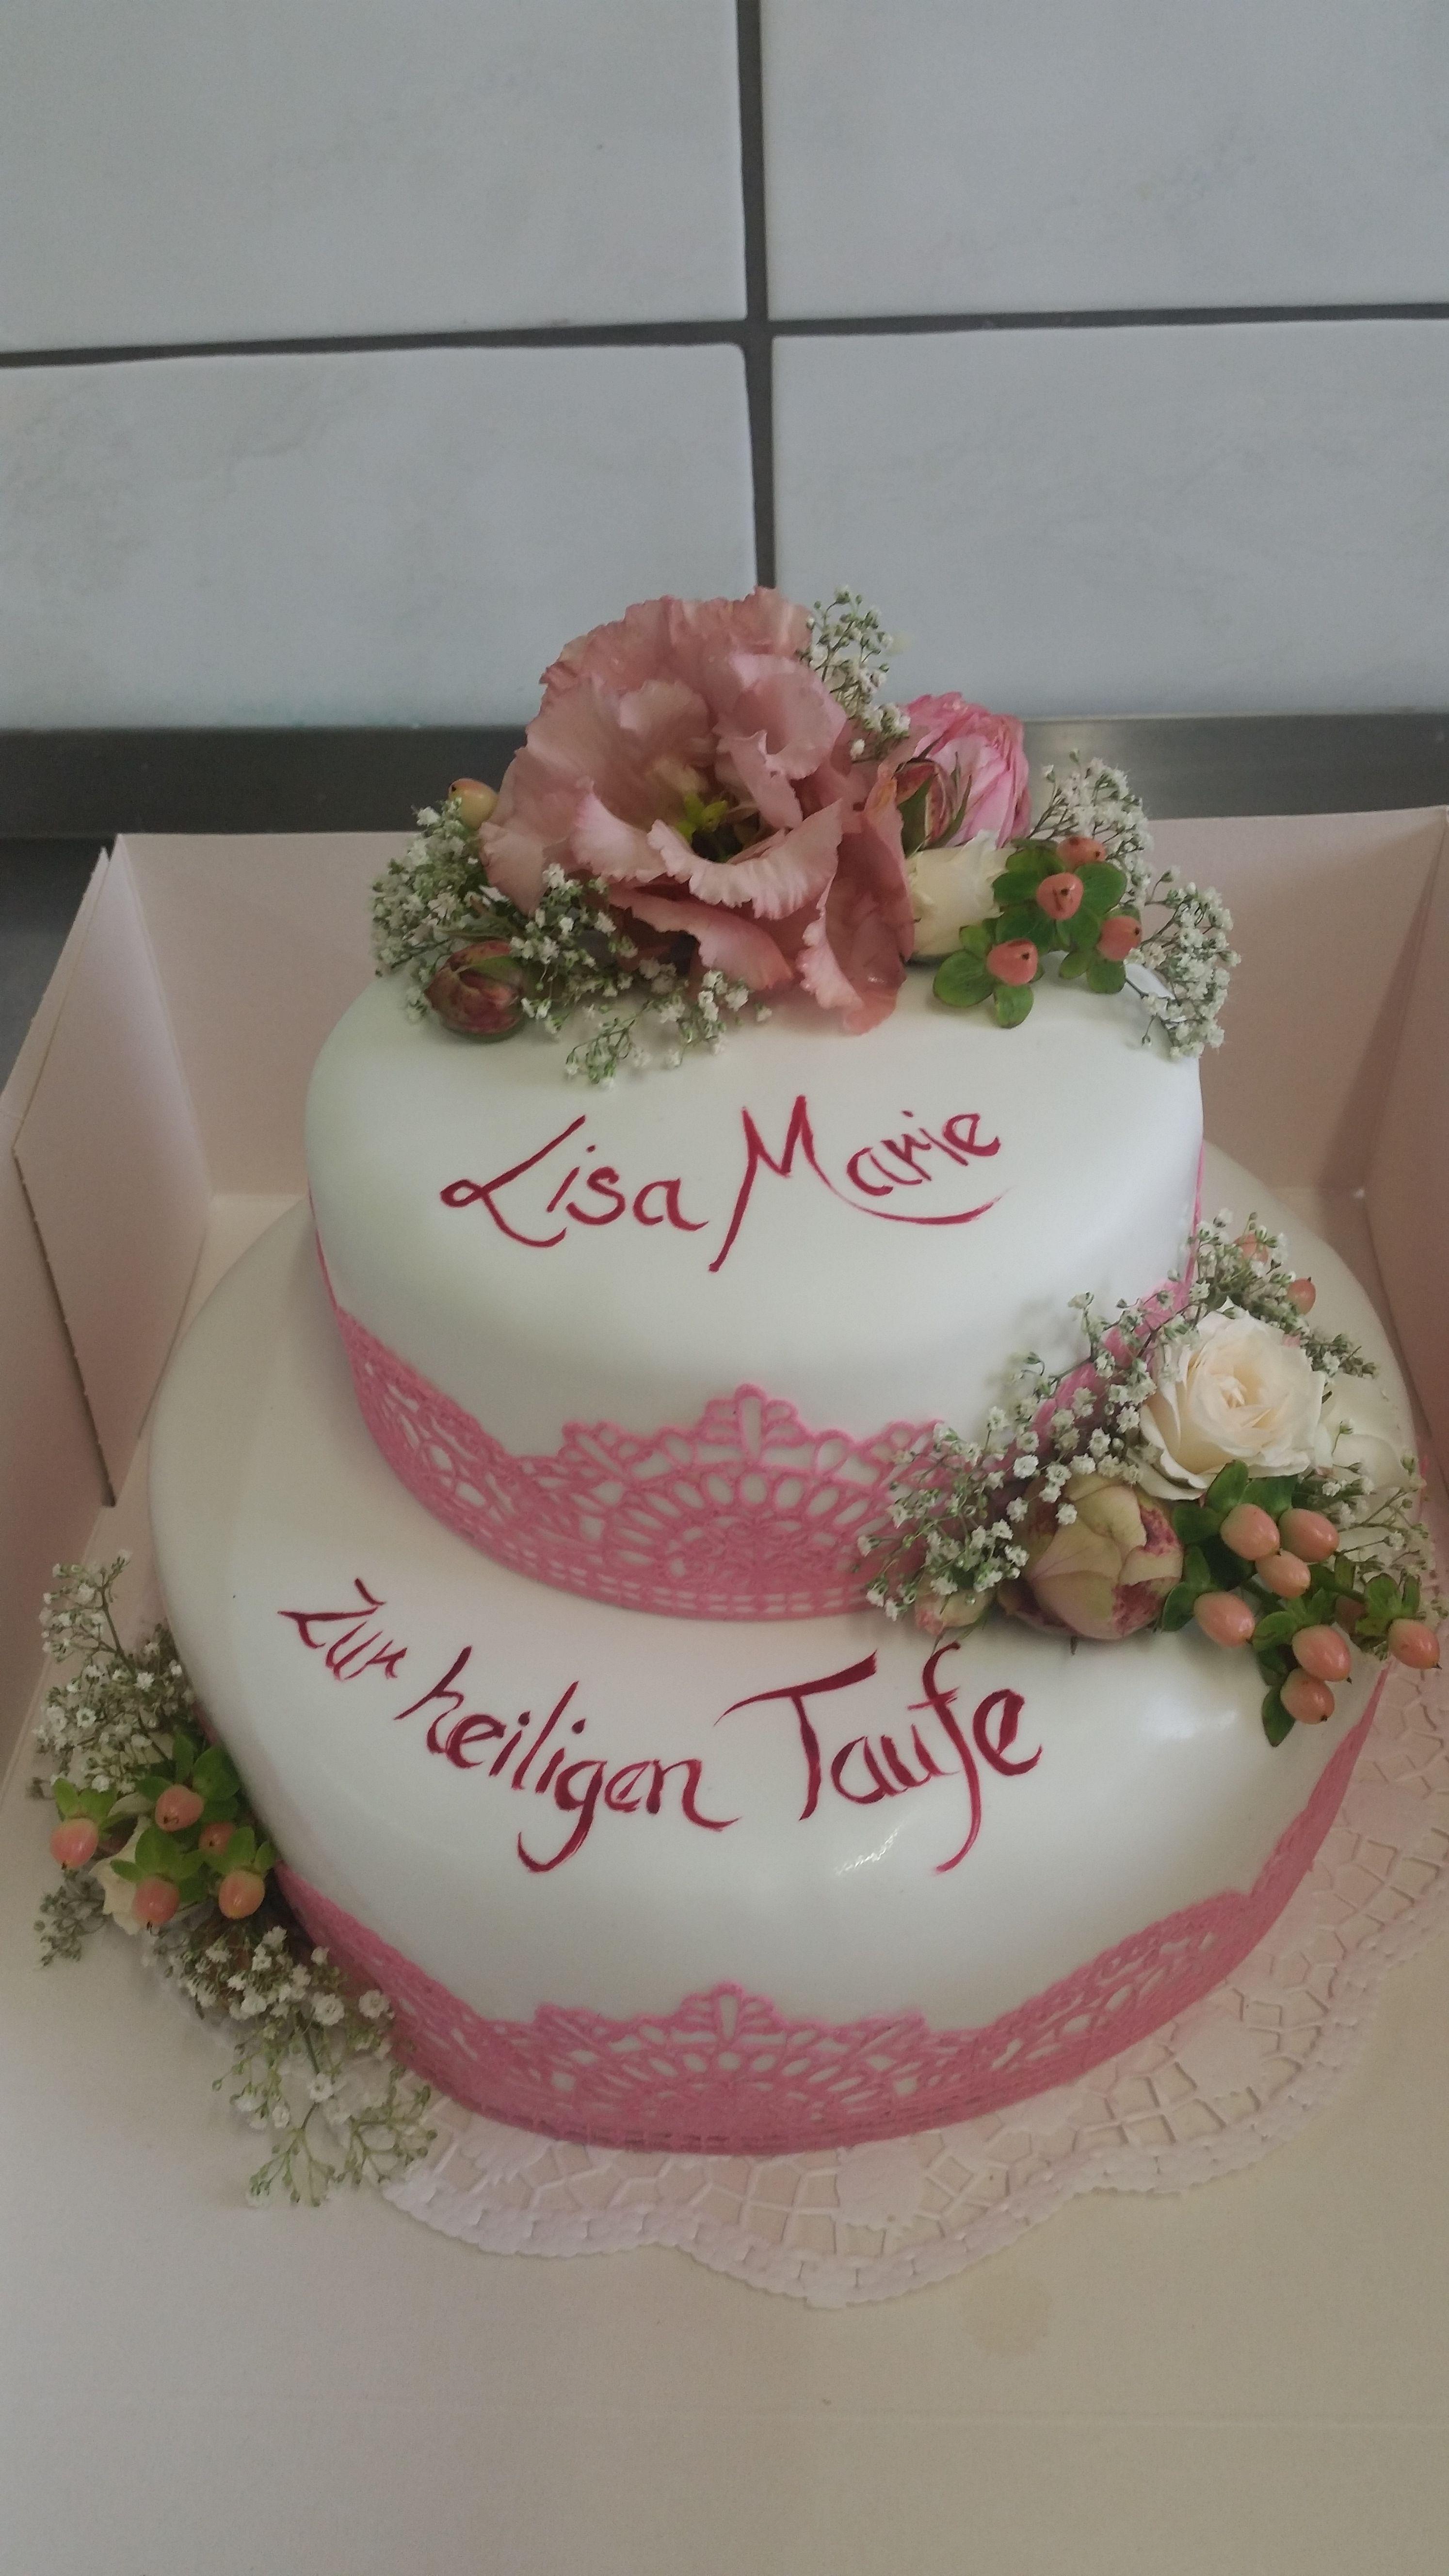 Tauftorte Vintage Rosa Madchen Essbare Spitze Frische Blumen Tauftorte Mit Fondant Christening Taufe Kuchen Motivtorten Taufe Madchen Tauftorten Madchen